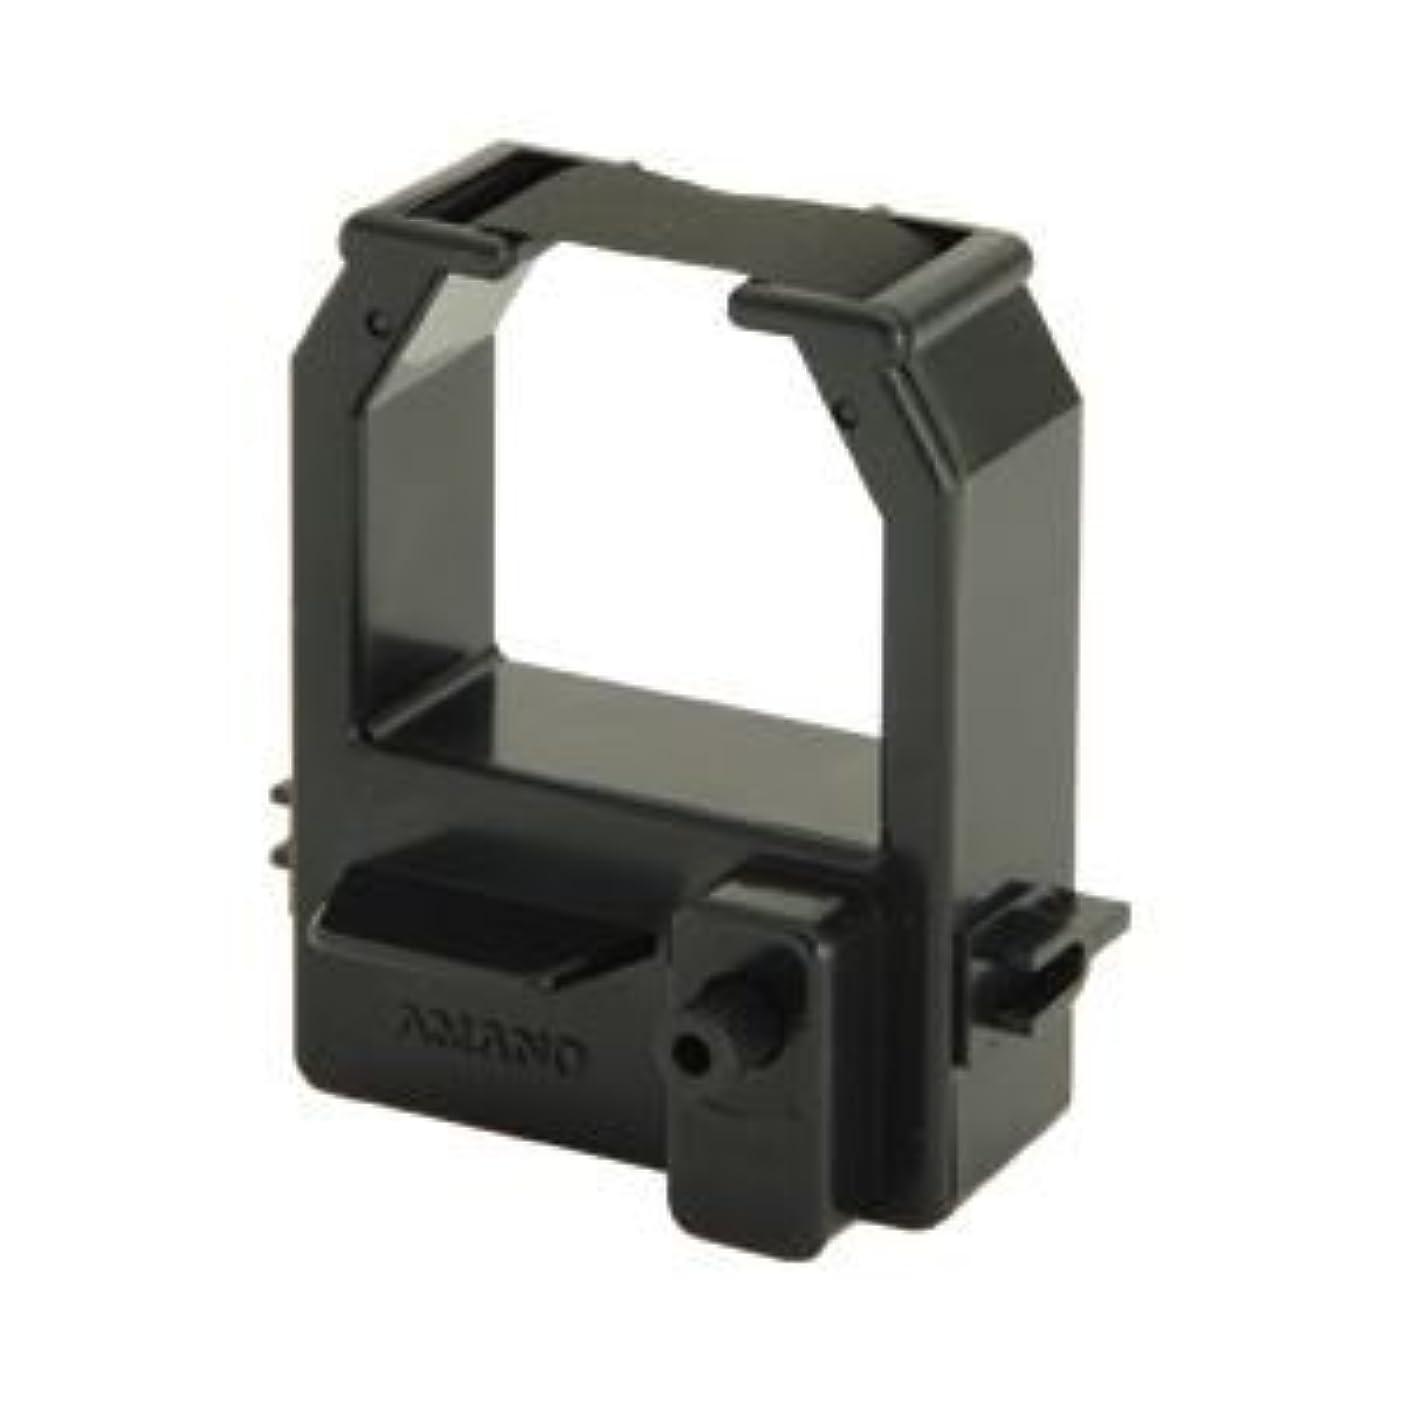 真鍮地域のアトムアマノ 電子タイムレコーダー専用インクリボン ブラック 型番:CE320050